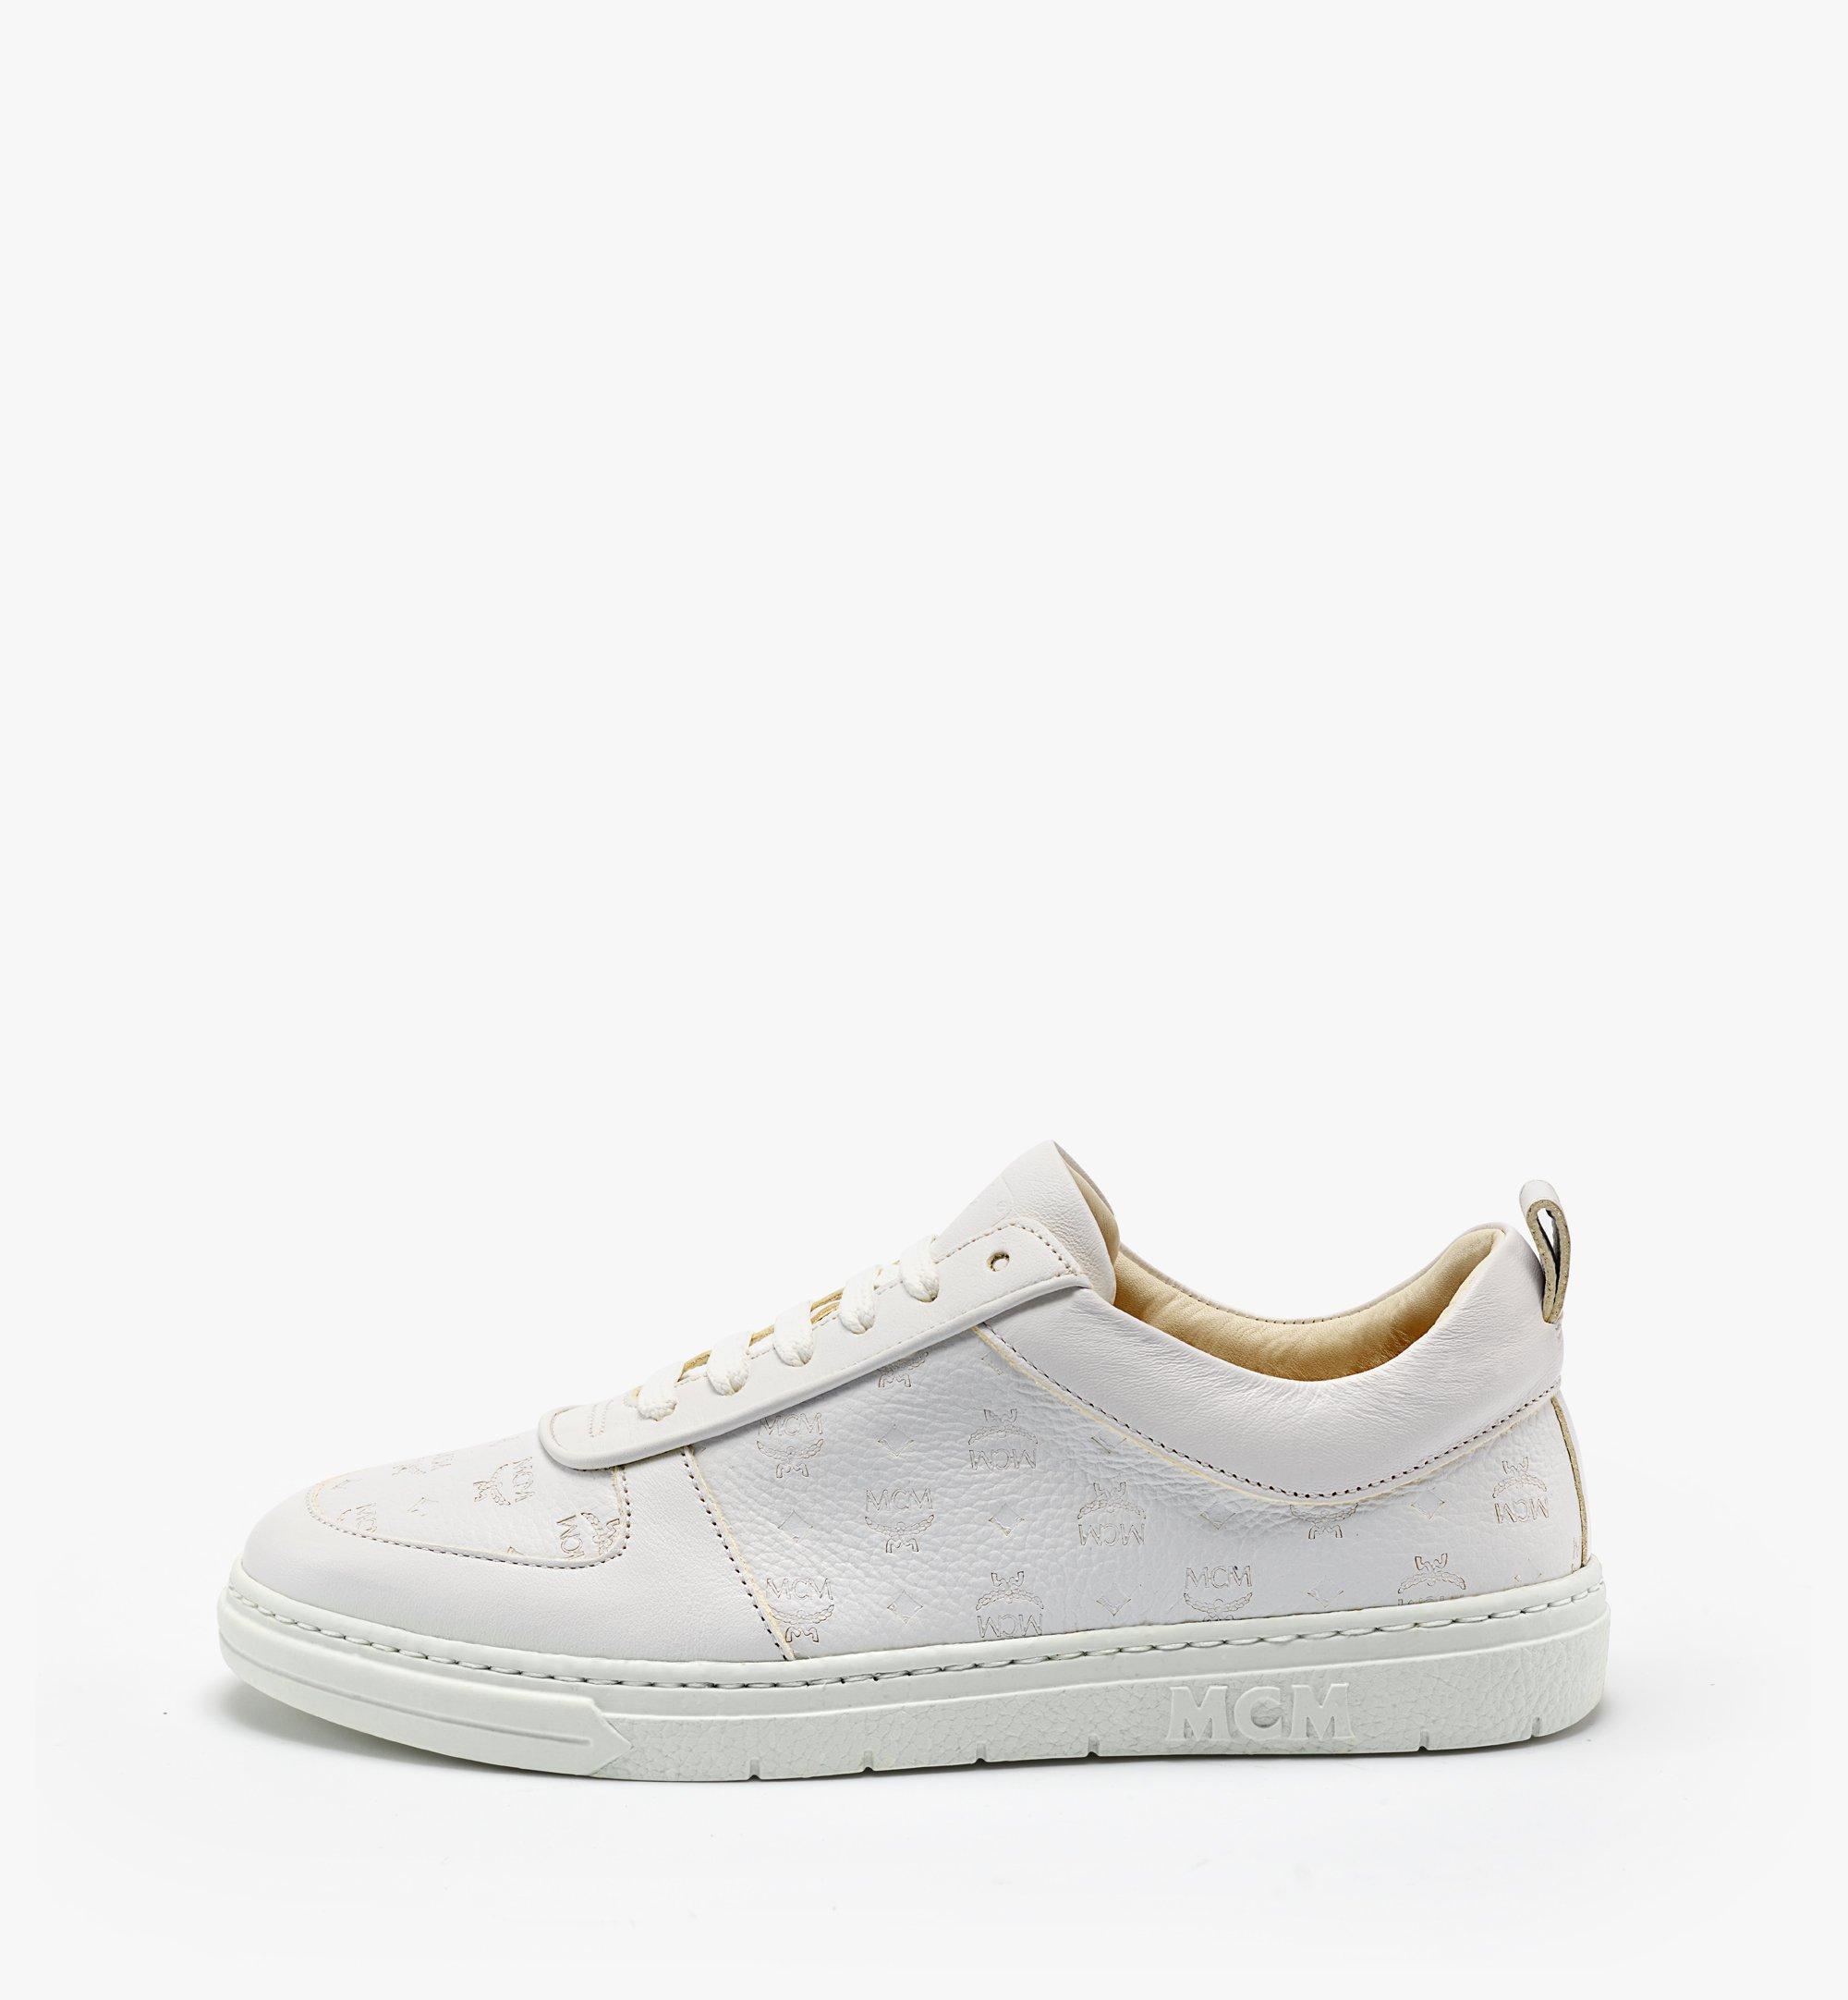 MCM 女士Terrain经典花纹皮革环保低帮运动鞋 White MESBSMM09WT035 更多视角 3